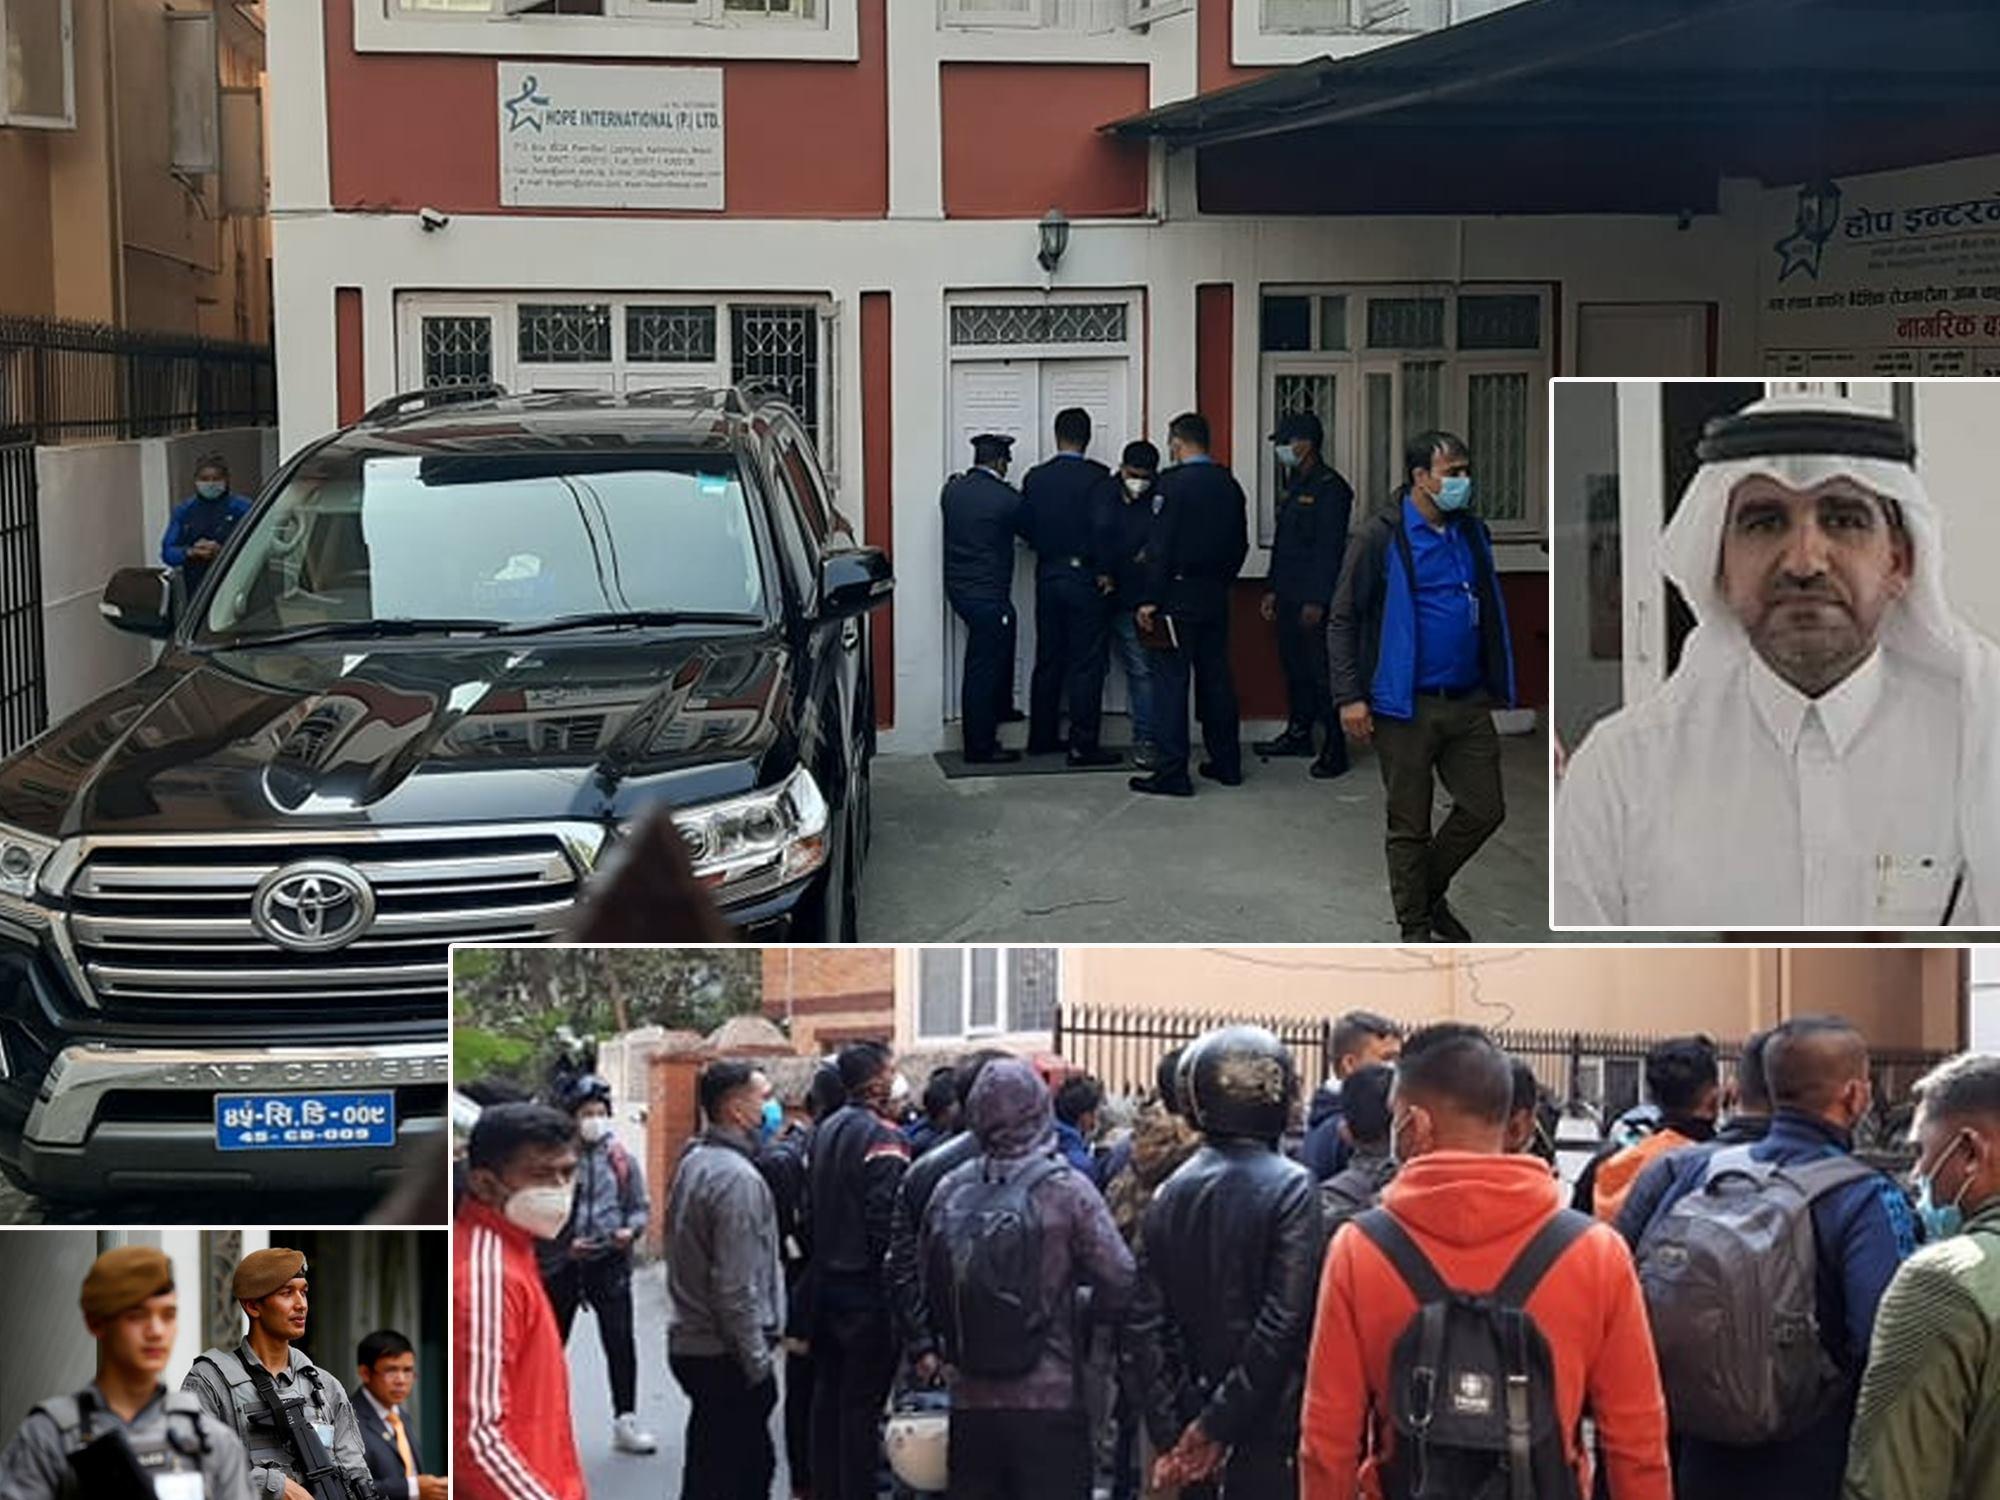 कतार प्रहरीको अन्तर्वार्तामा दूतावासको संलग्नता छैन, अवसर राम्रो हो : राजदूत यूसुफ